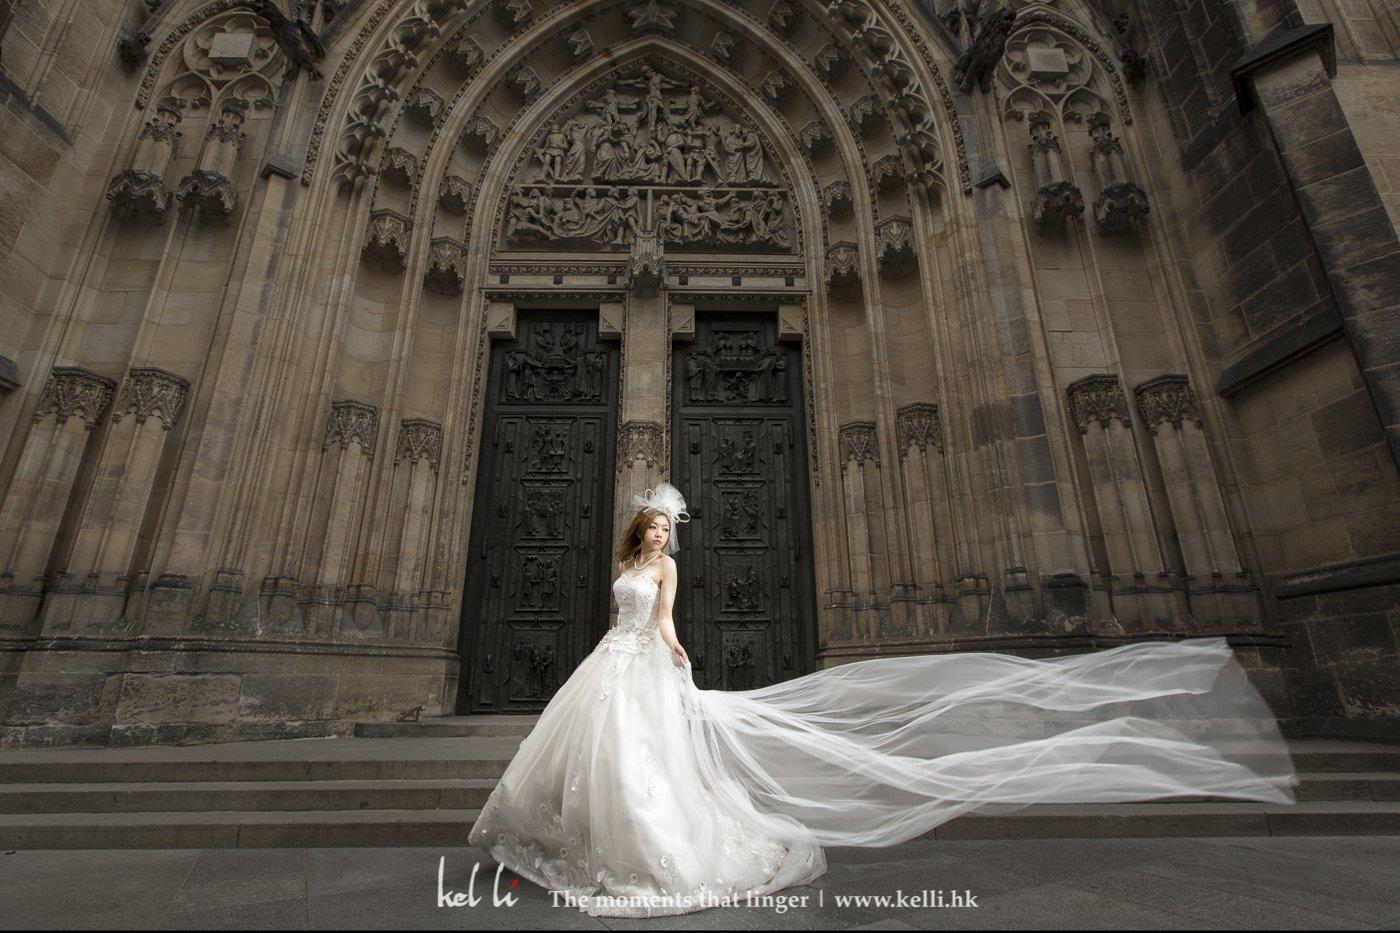 新娘单人的飞纱照